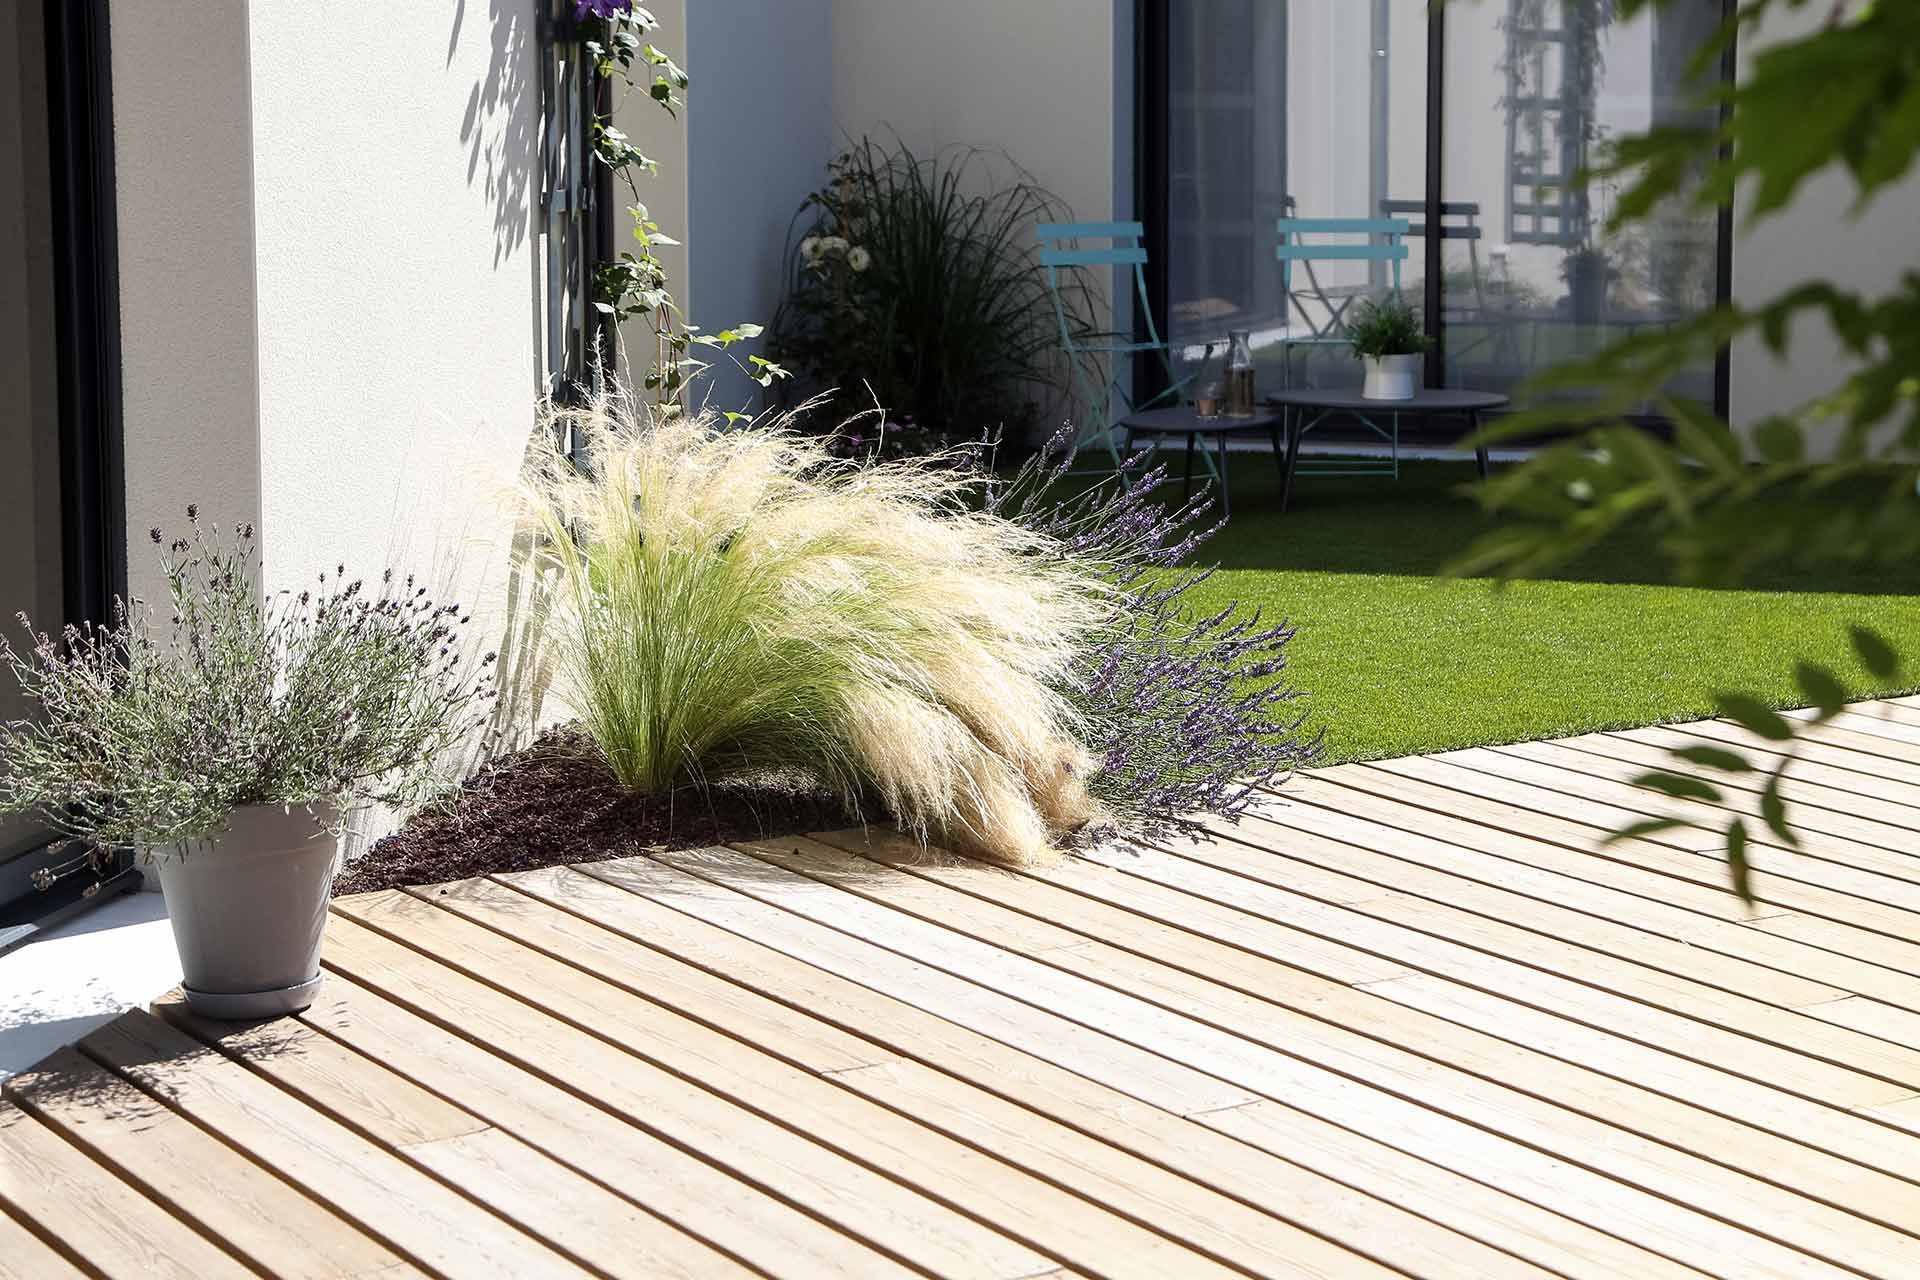 Entreprise du paysage, Serrault Jardins réalise des jardins sur-mesure dans diverses communes comme Chançay.